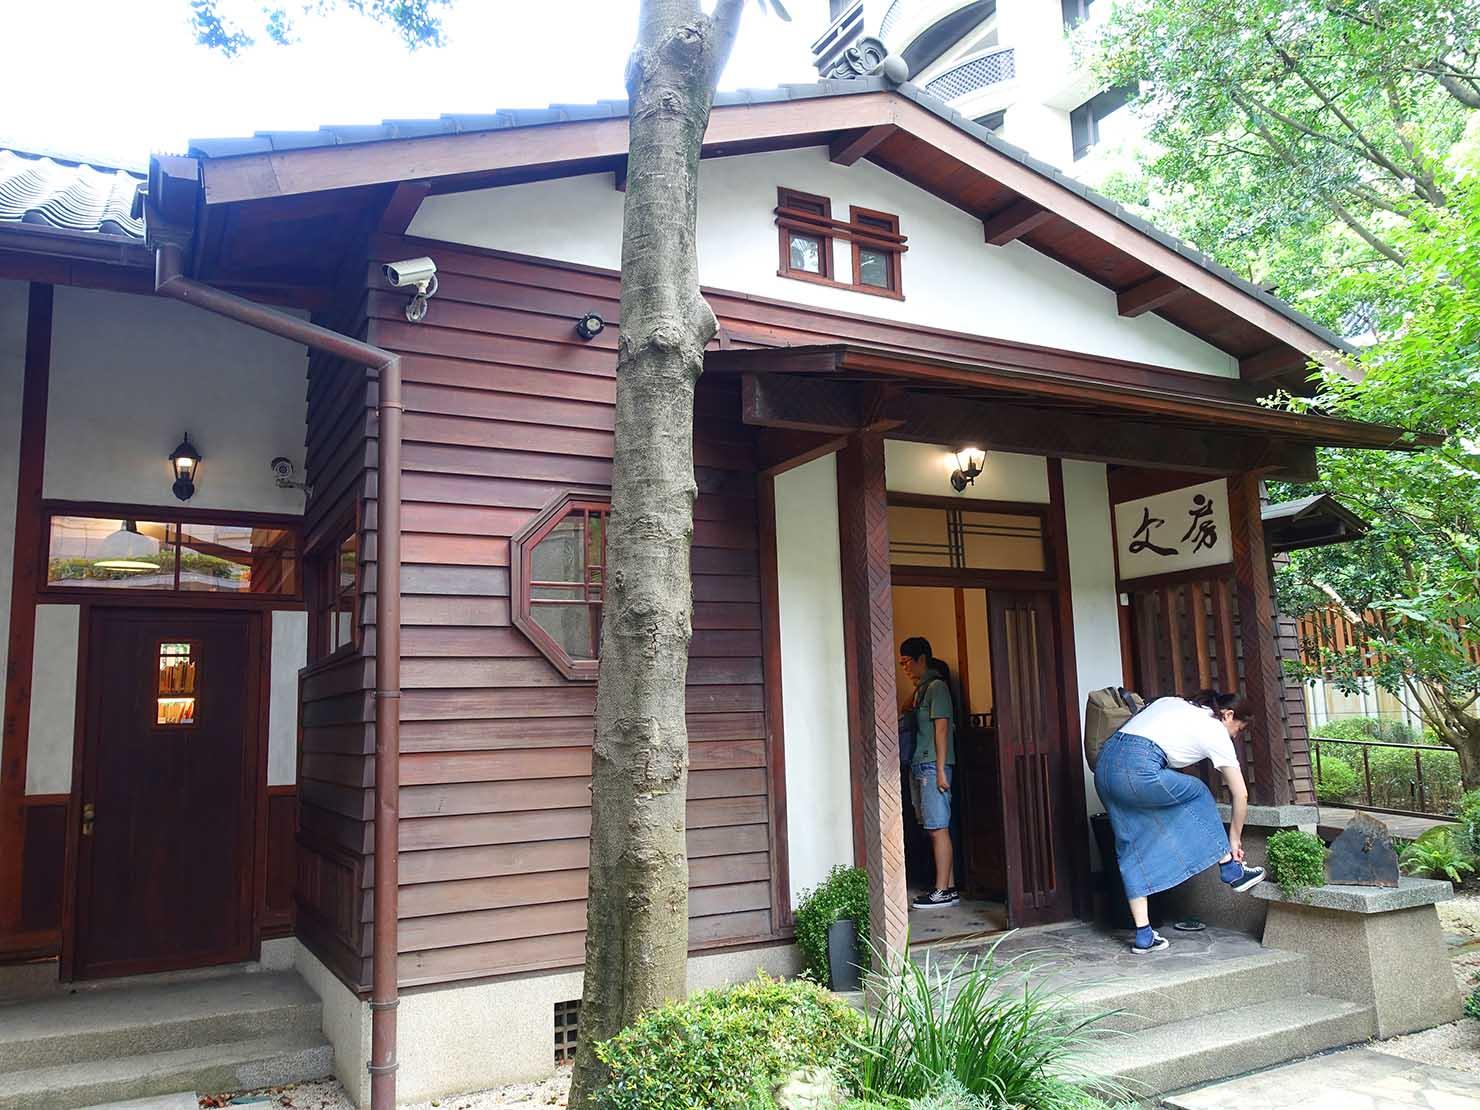 台北の街に佇む日本式古民家の図書館「文房 Chapter」の玄関前